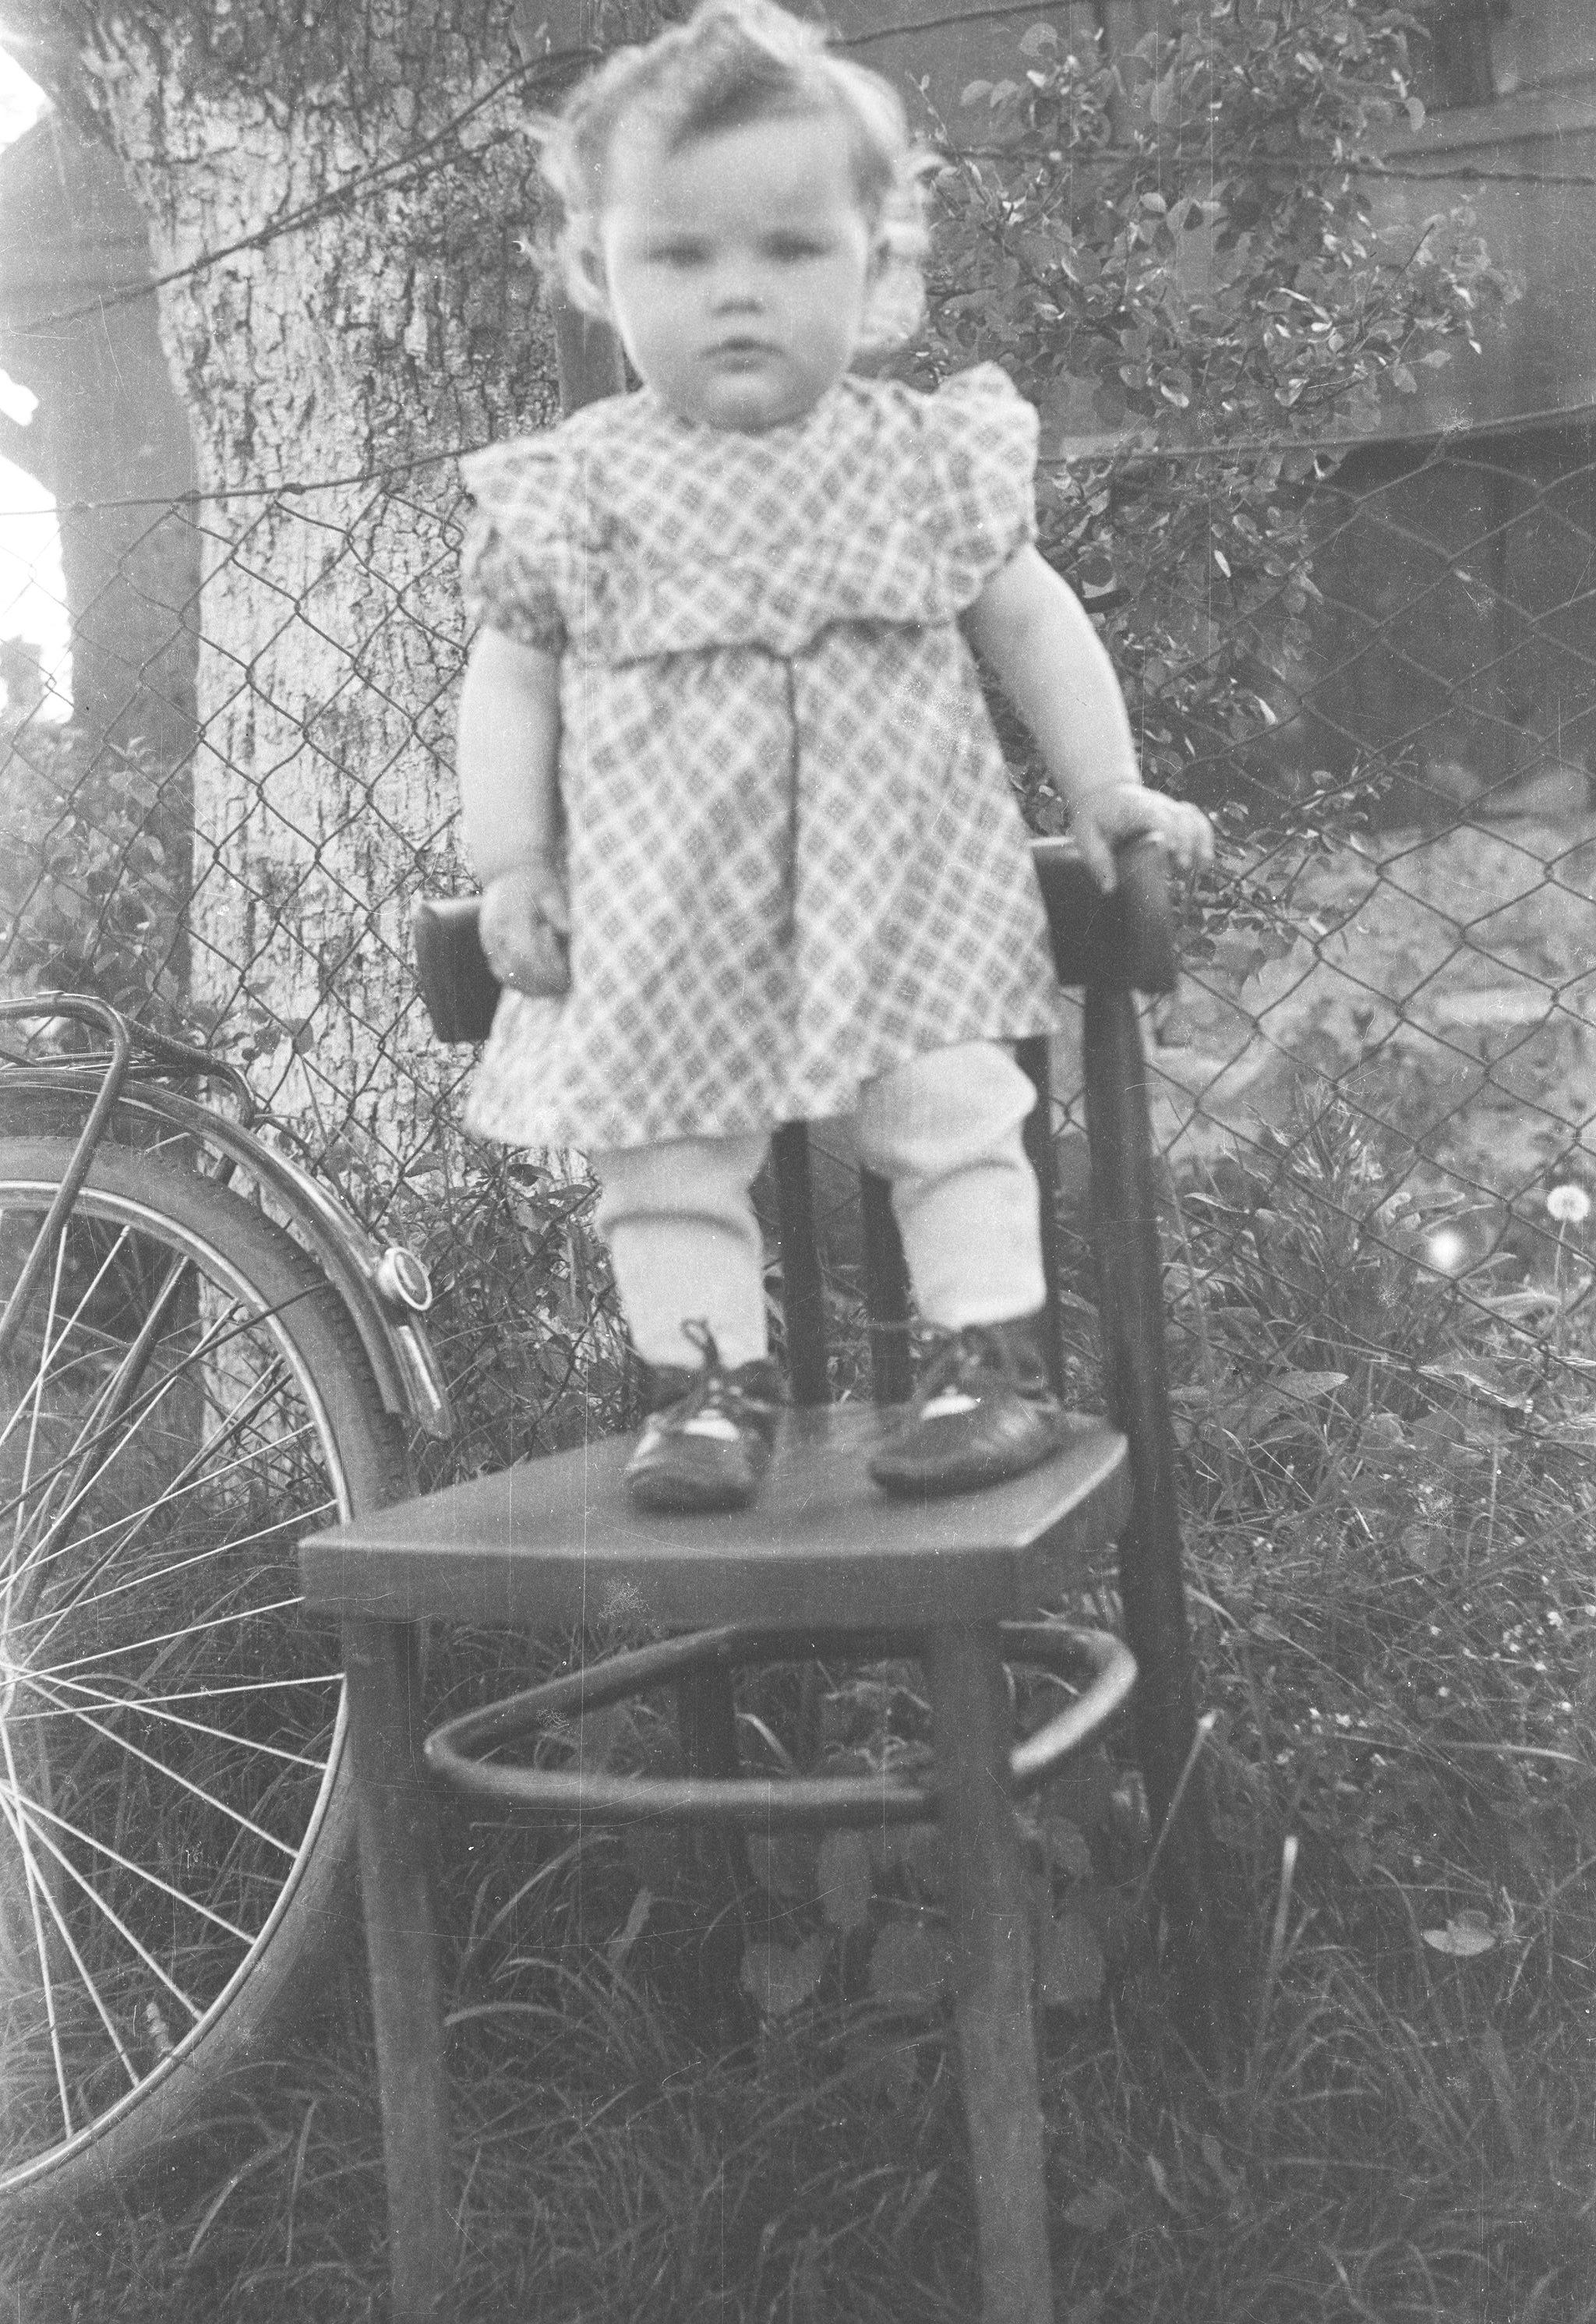 Portret dziewczynki stojącej na krześle, Dolny Śląsk, 2. poł. XX w.